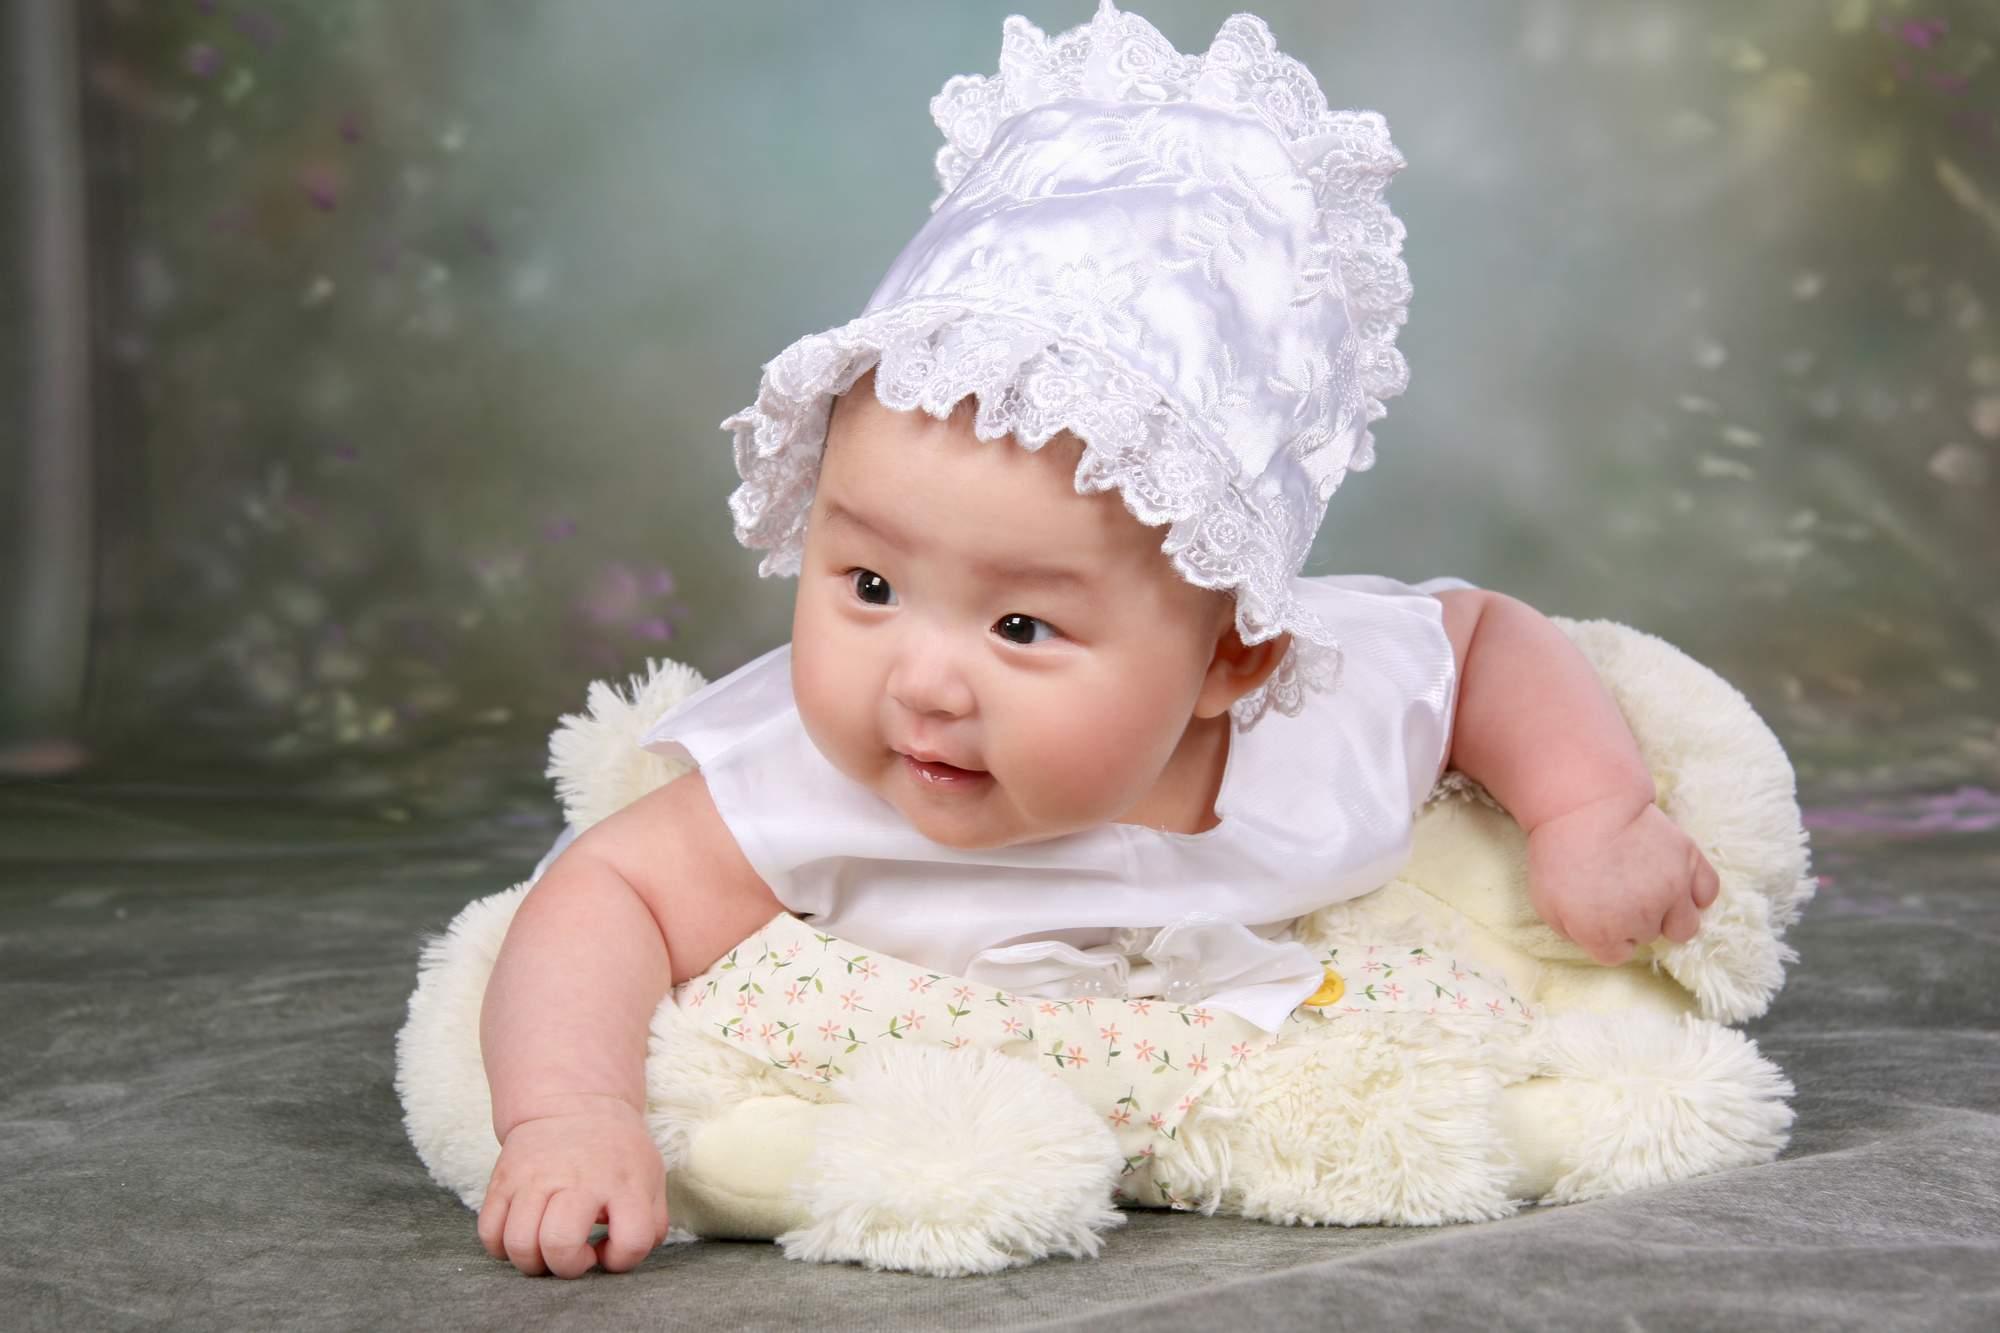 宝宝 壁纸 儿童 孩子 小孩 婴儿 2000_1333